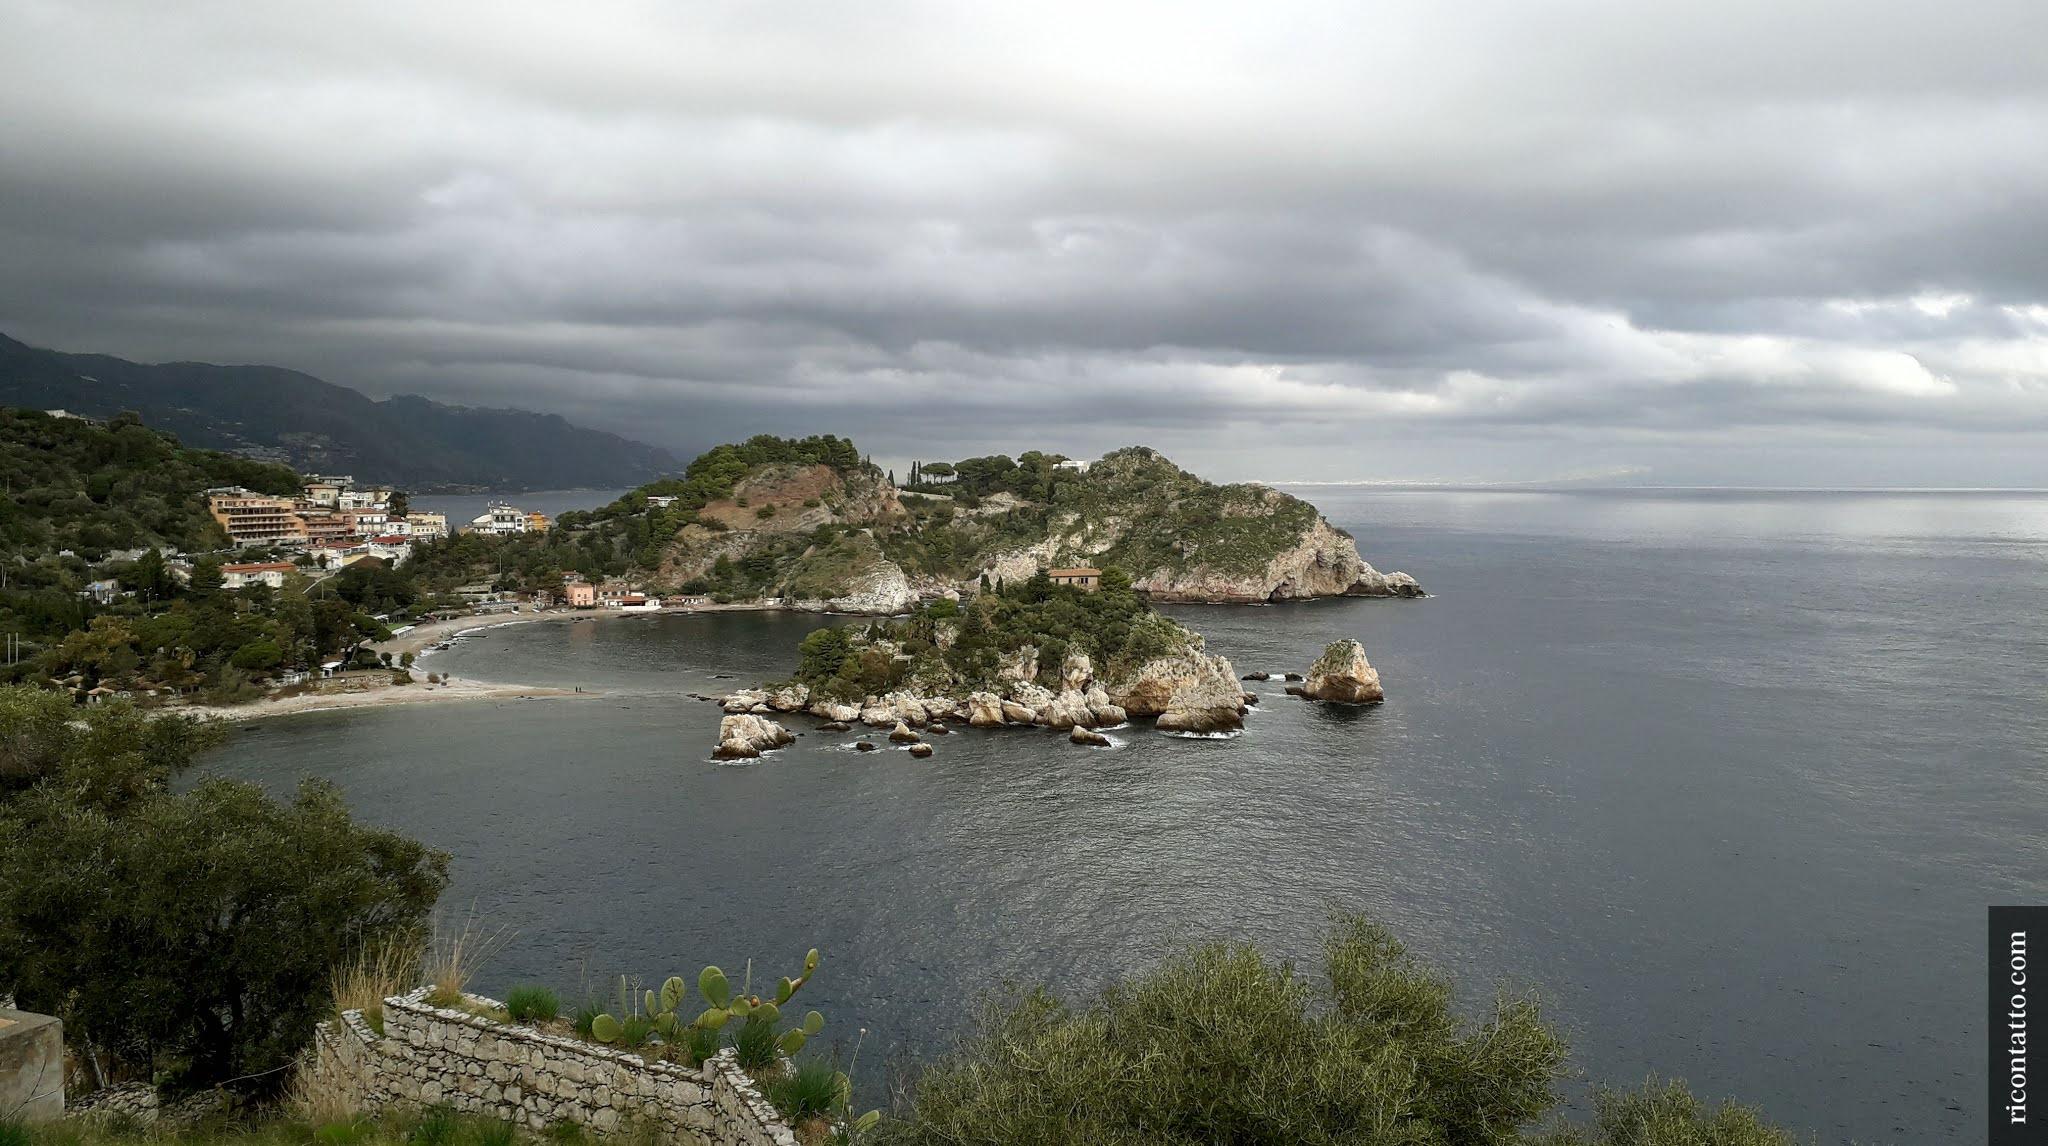 Taormina, Sicilia, Italy - Photo #14 by Ricontatto.com